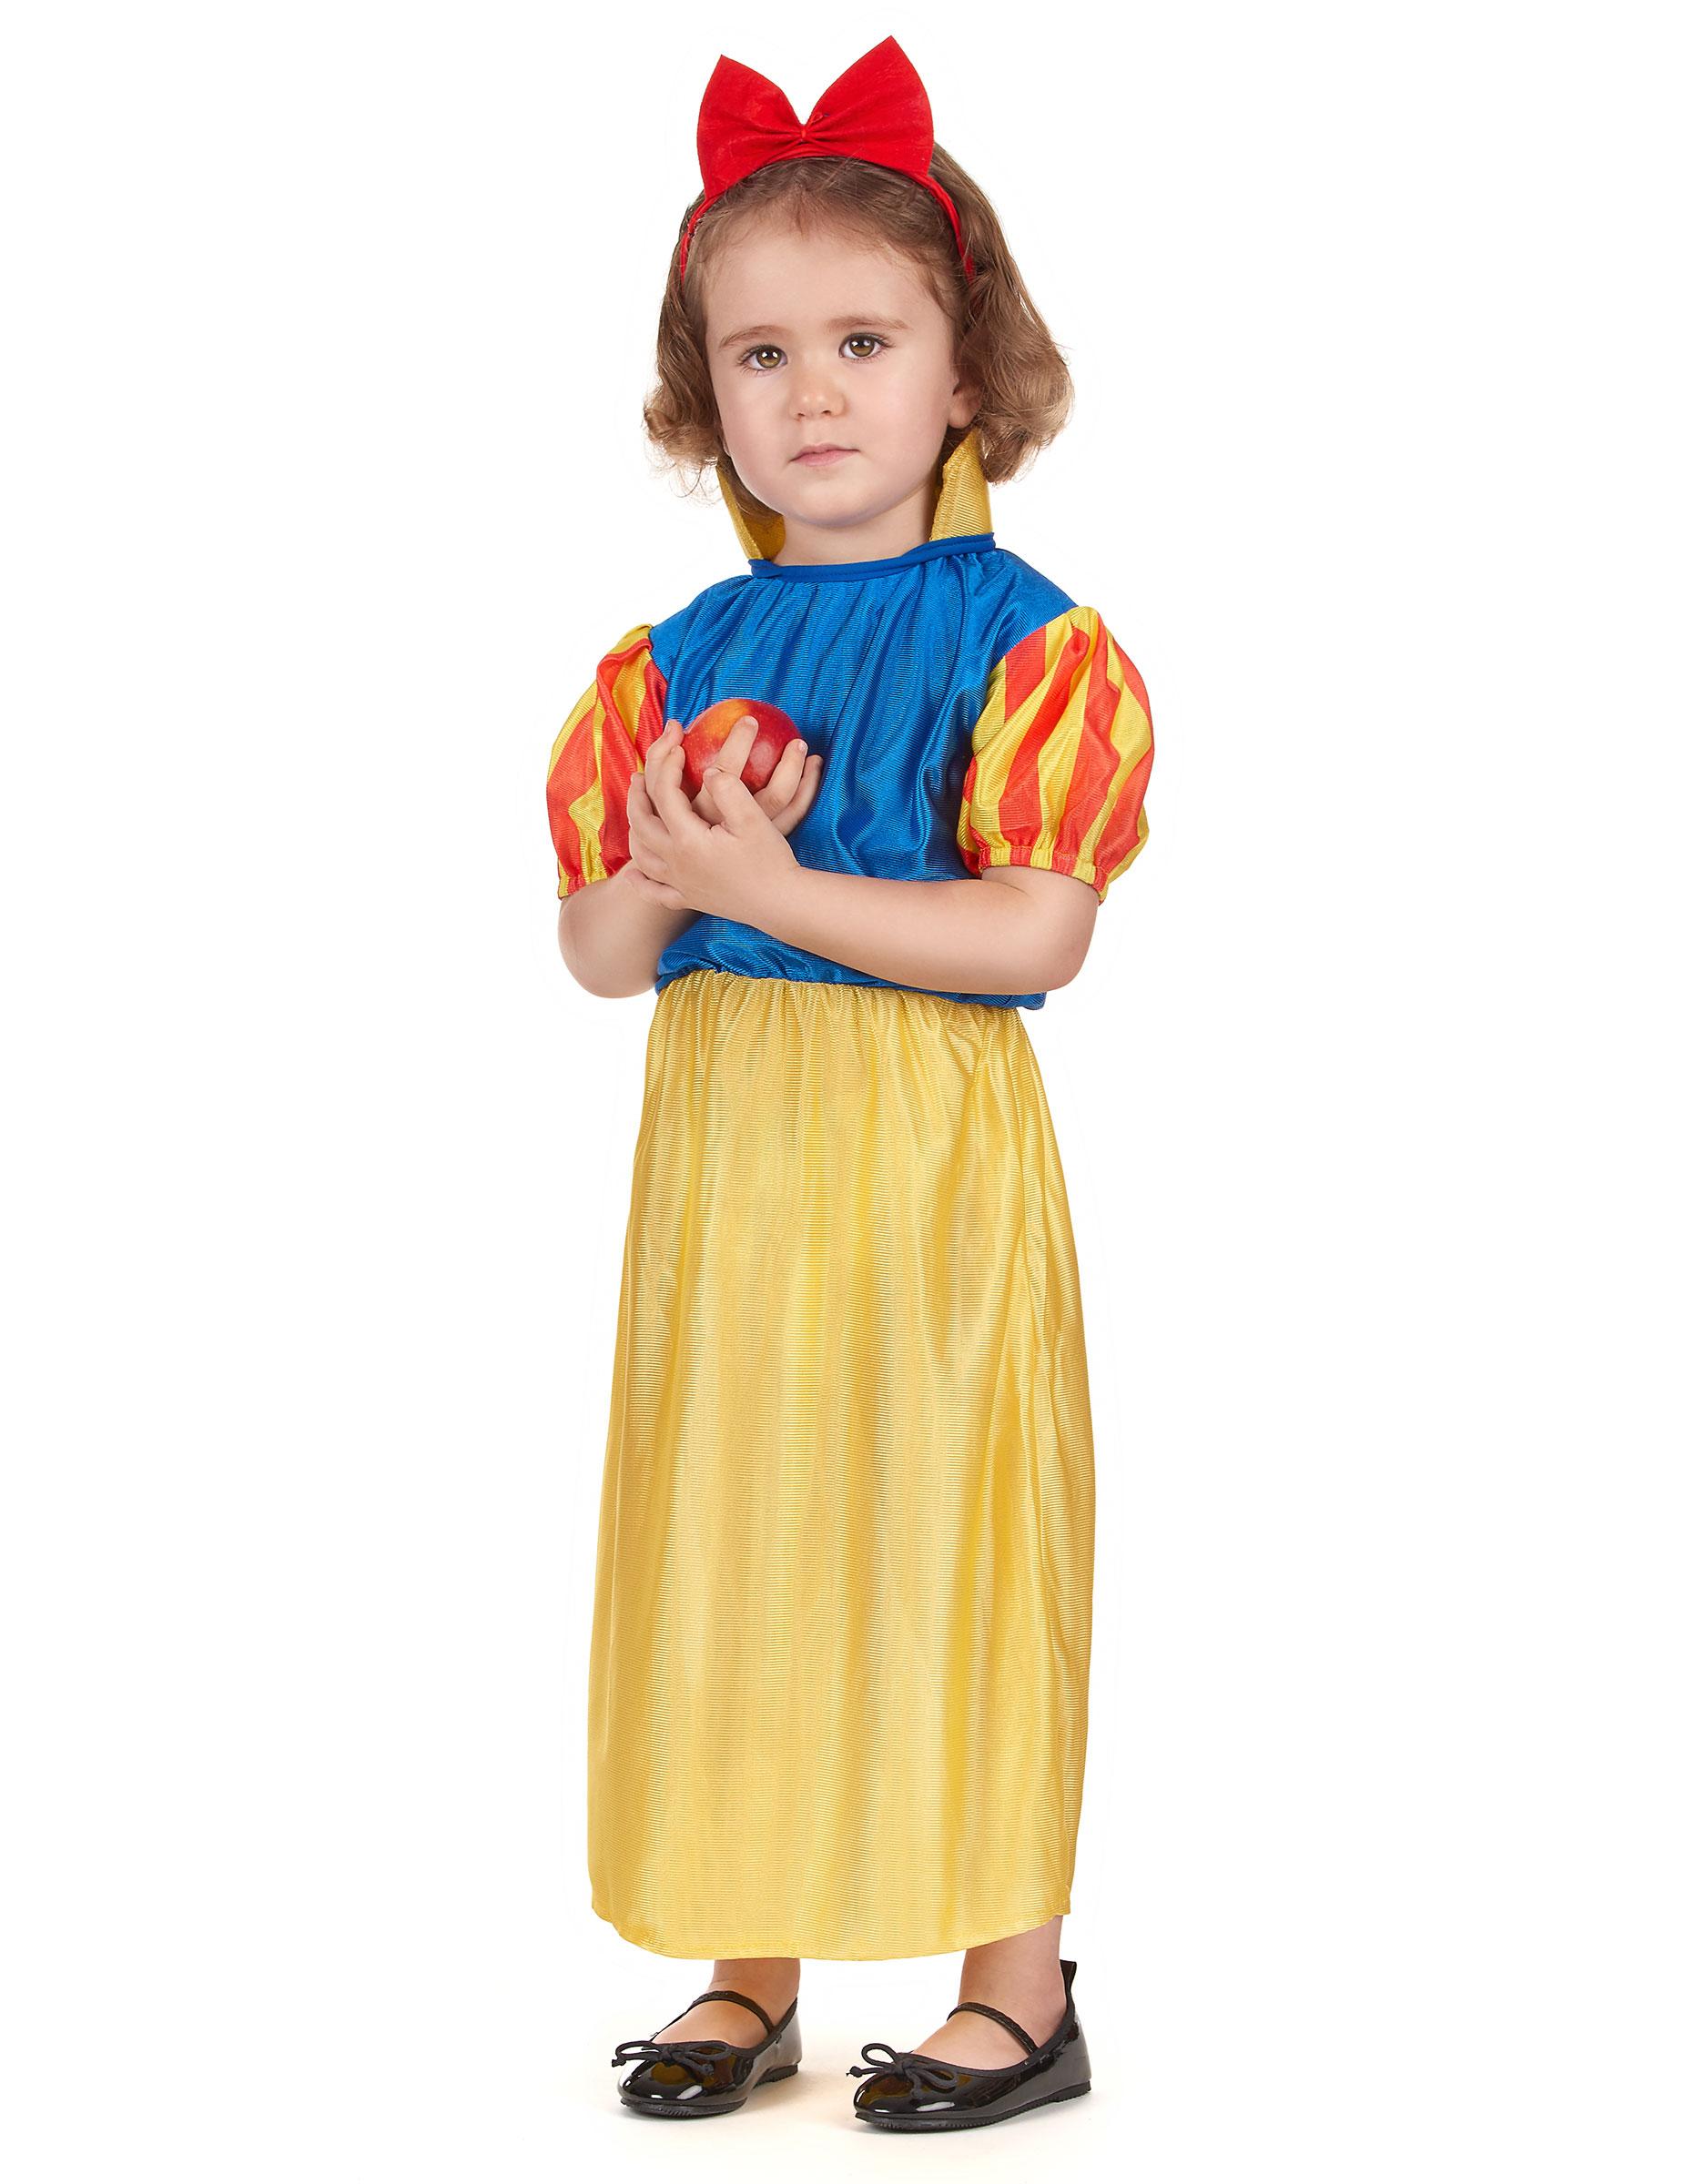 D guisement princesse des neiges fille achat de d guisements enfants sur vegaoopro grossiste - Deguisement fille princesse ...